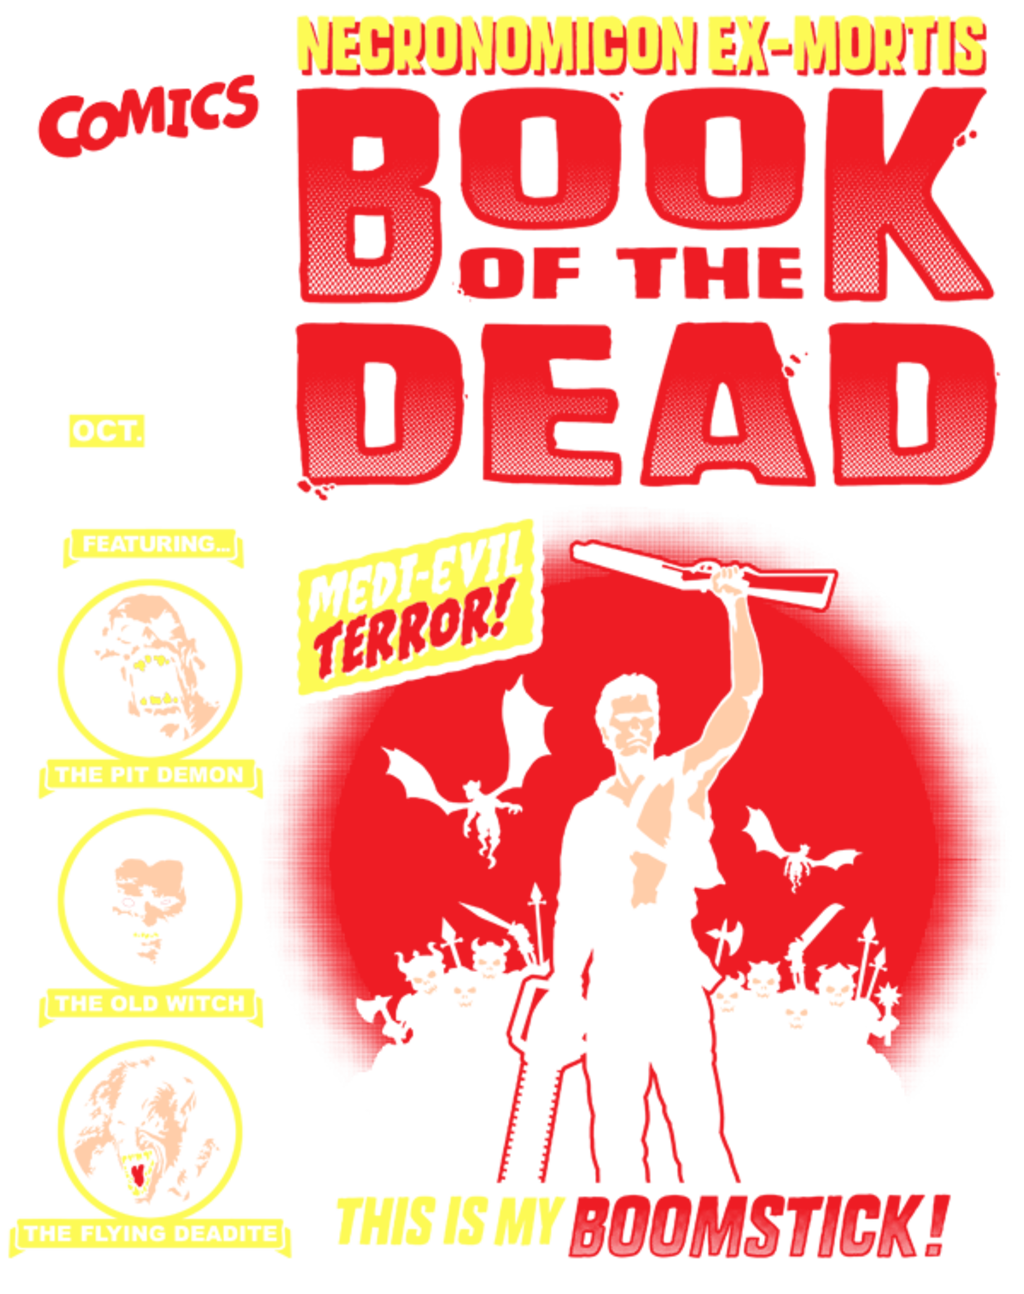 teeVillain: Book of the Dead